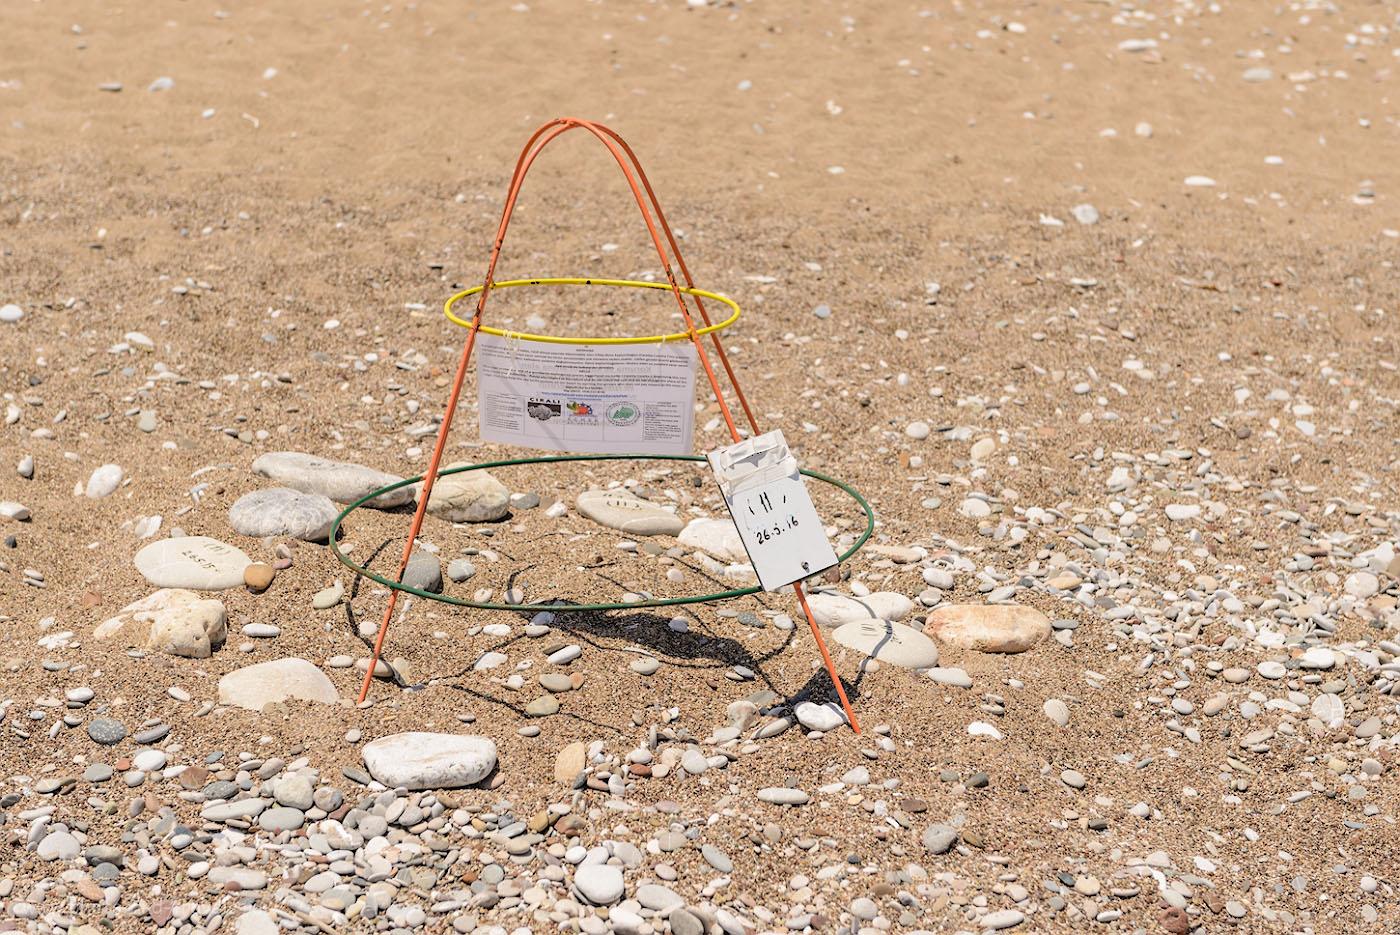 Фото 25. Пляж CiraliOlymposBeach объявлен национальным парком, чтобы защитить кладки морских черепах (Логгерхед, каретта). Места, где отложены яйца, обозначены такими вот пирамидками из проволоки. 1/500, 0.67, 4.5, 100, 60.